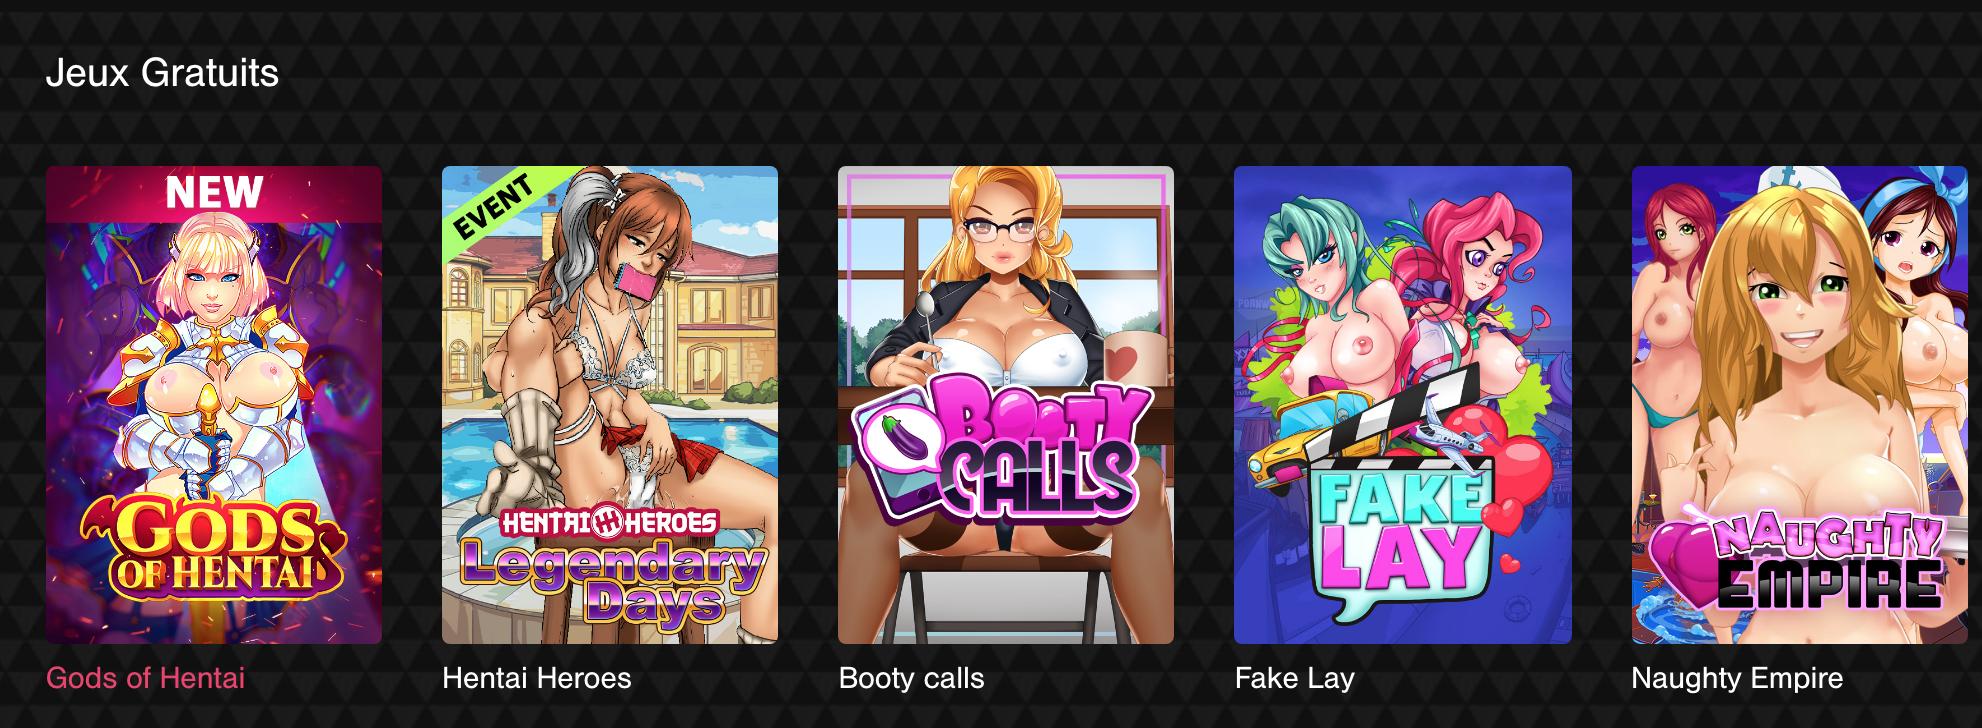 Jeux hentai porno en ligne gratuits